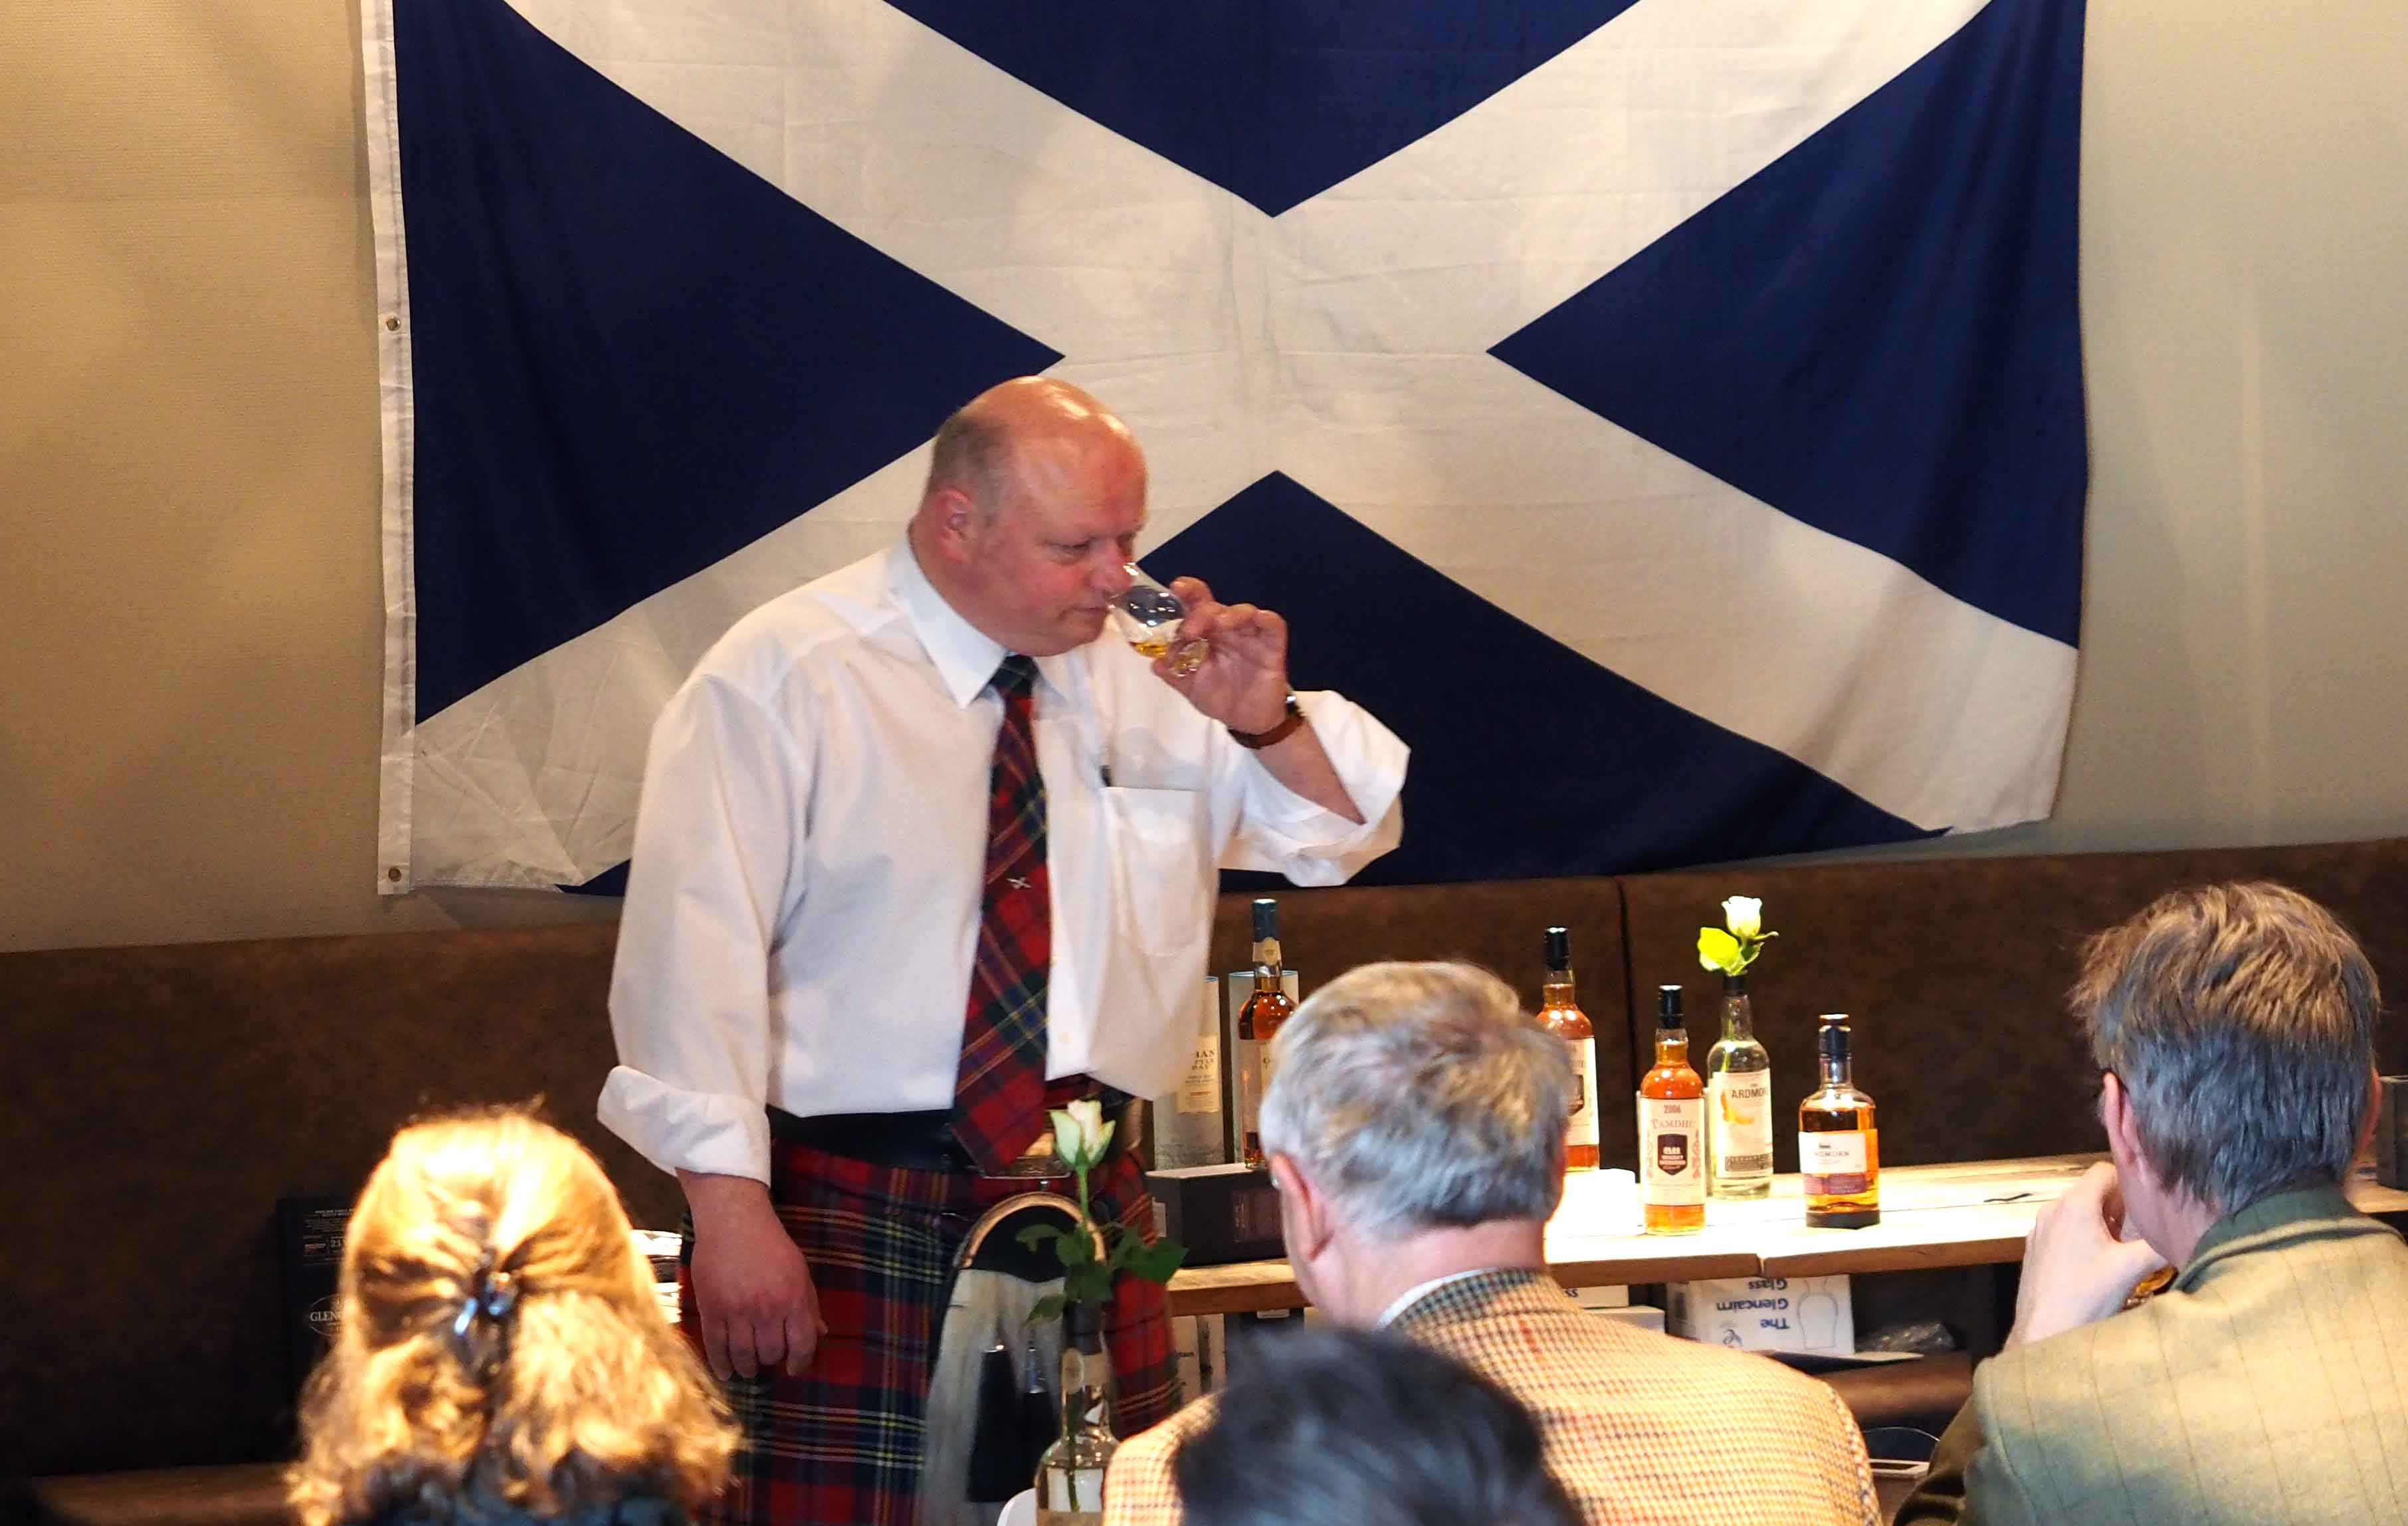 nosing and tasting, whiskyproeverij, the whiskyteacher, Henri Goossen, whiskyvlog, Henry Goossen, Henri Goosen, Henry Goosen, whiskyfestival